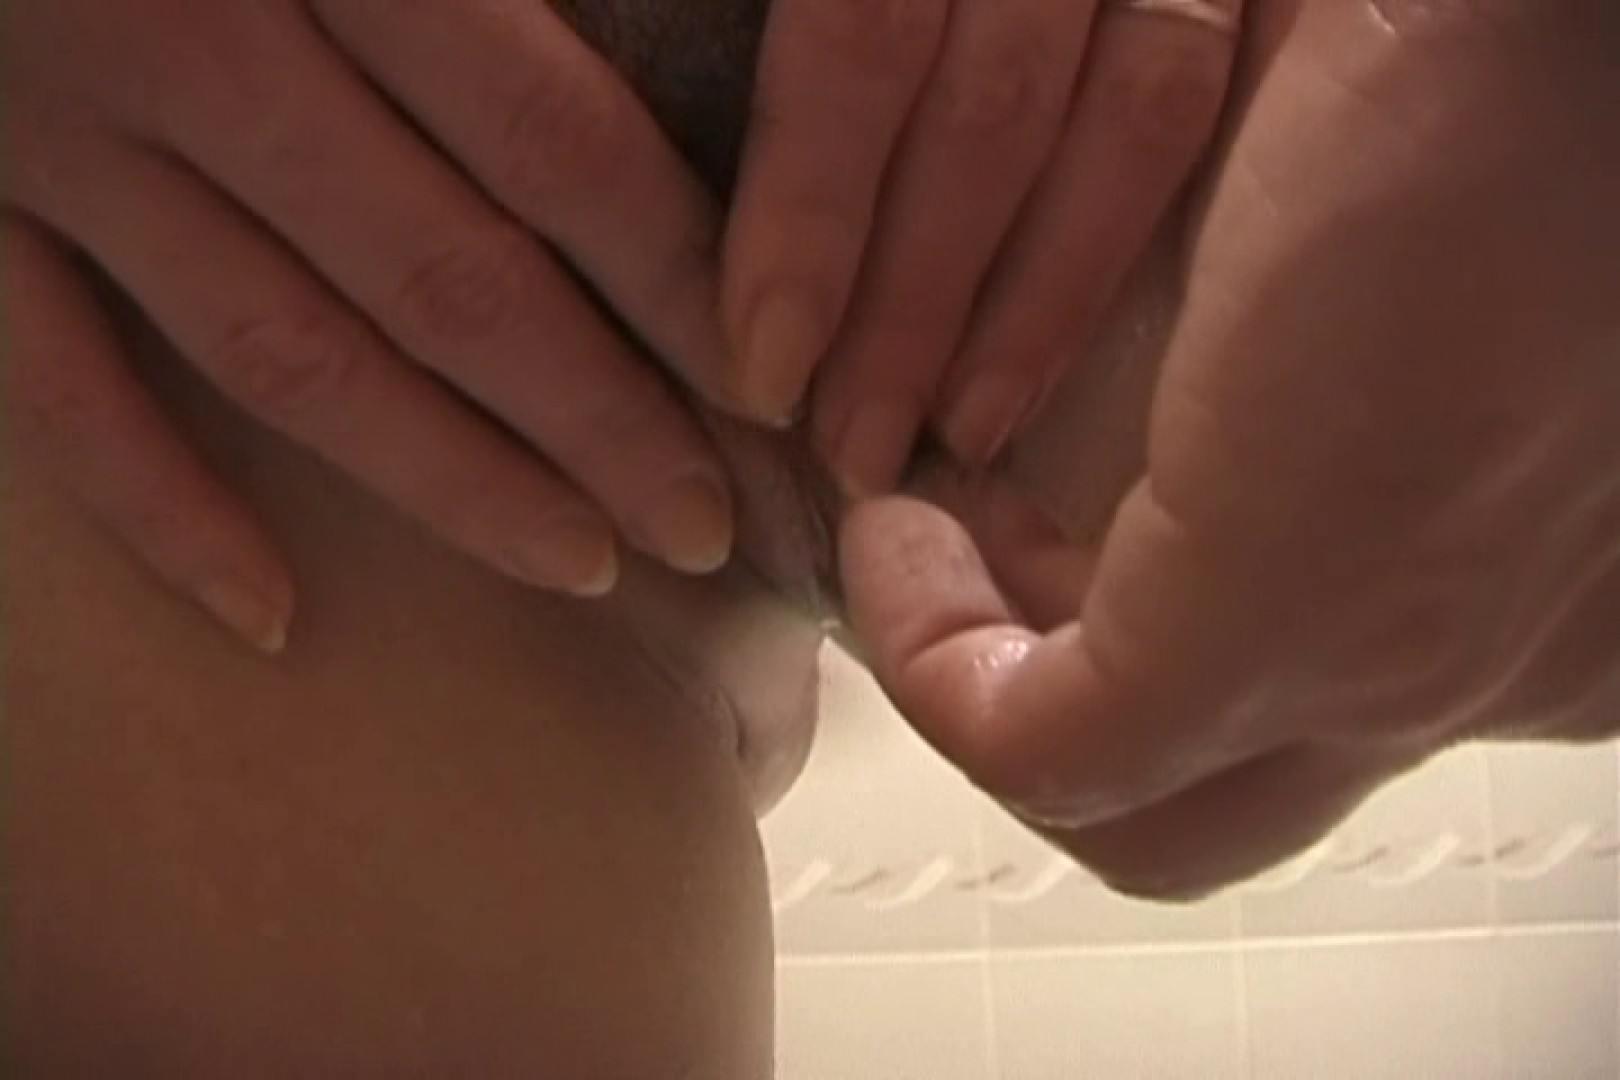 淫乱人妻に癒しを求める若い彼~川口早苗~ フェラ | マンコ  58pic 22